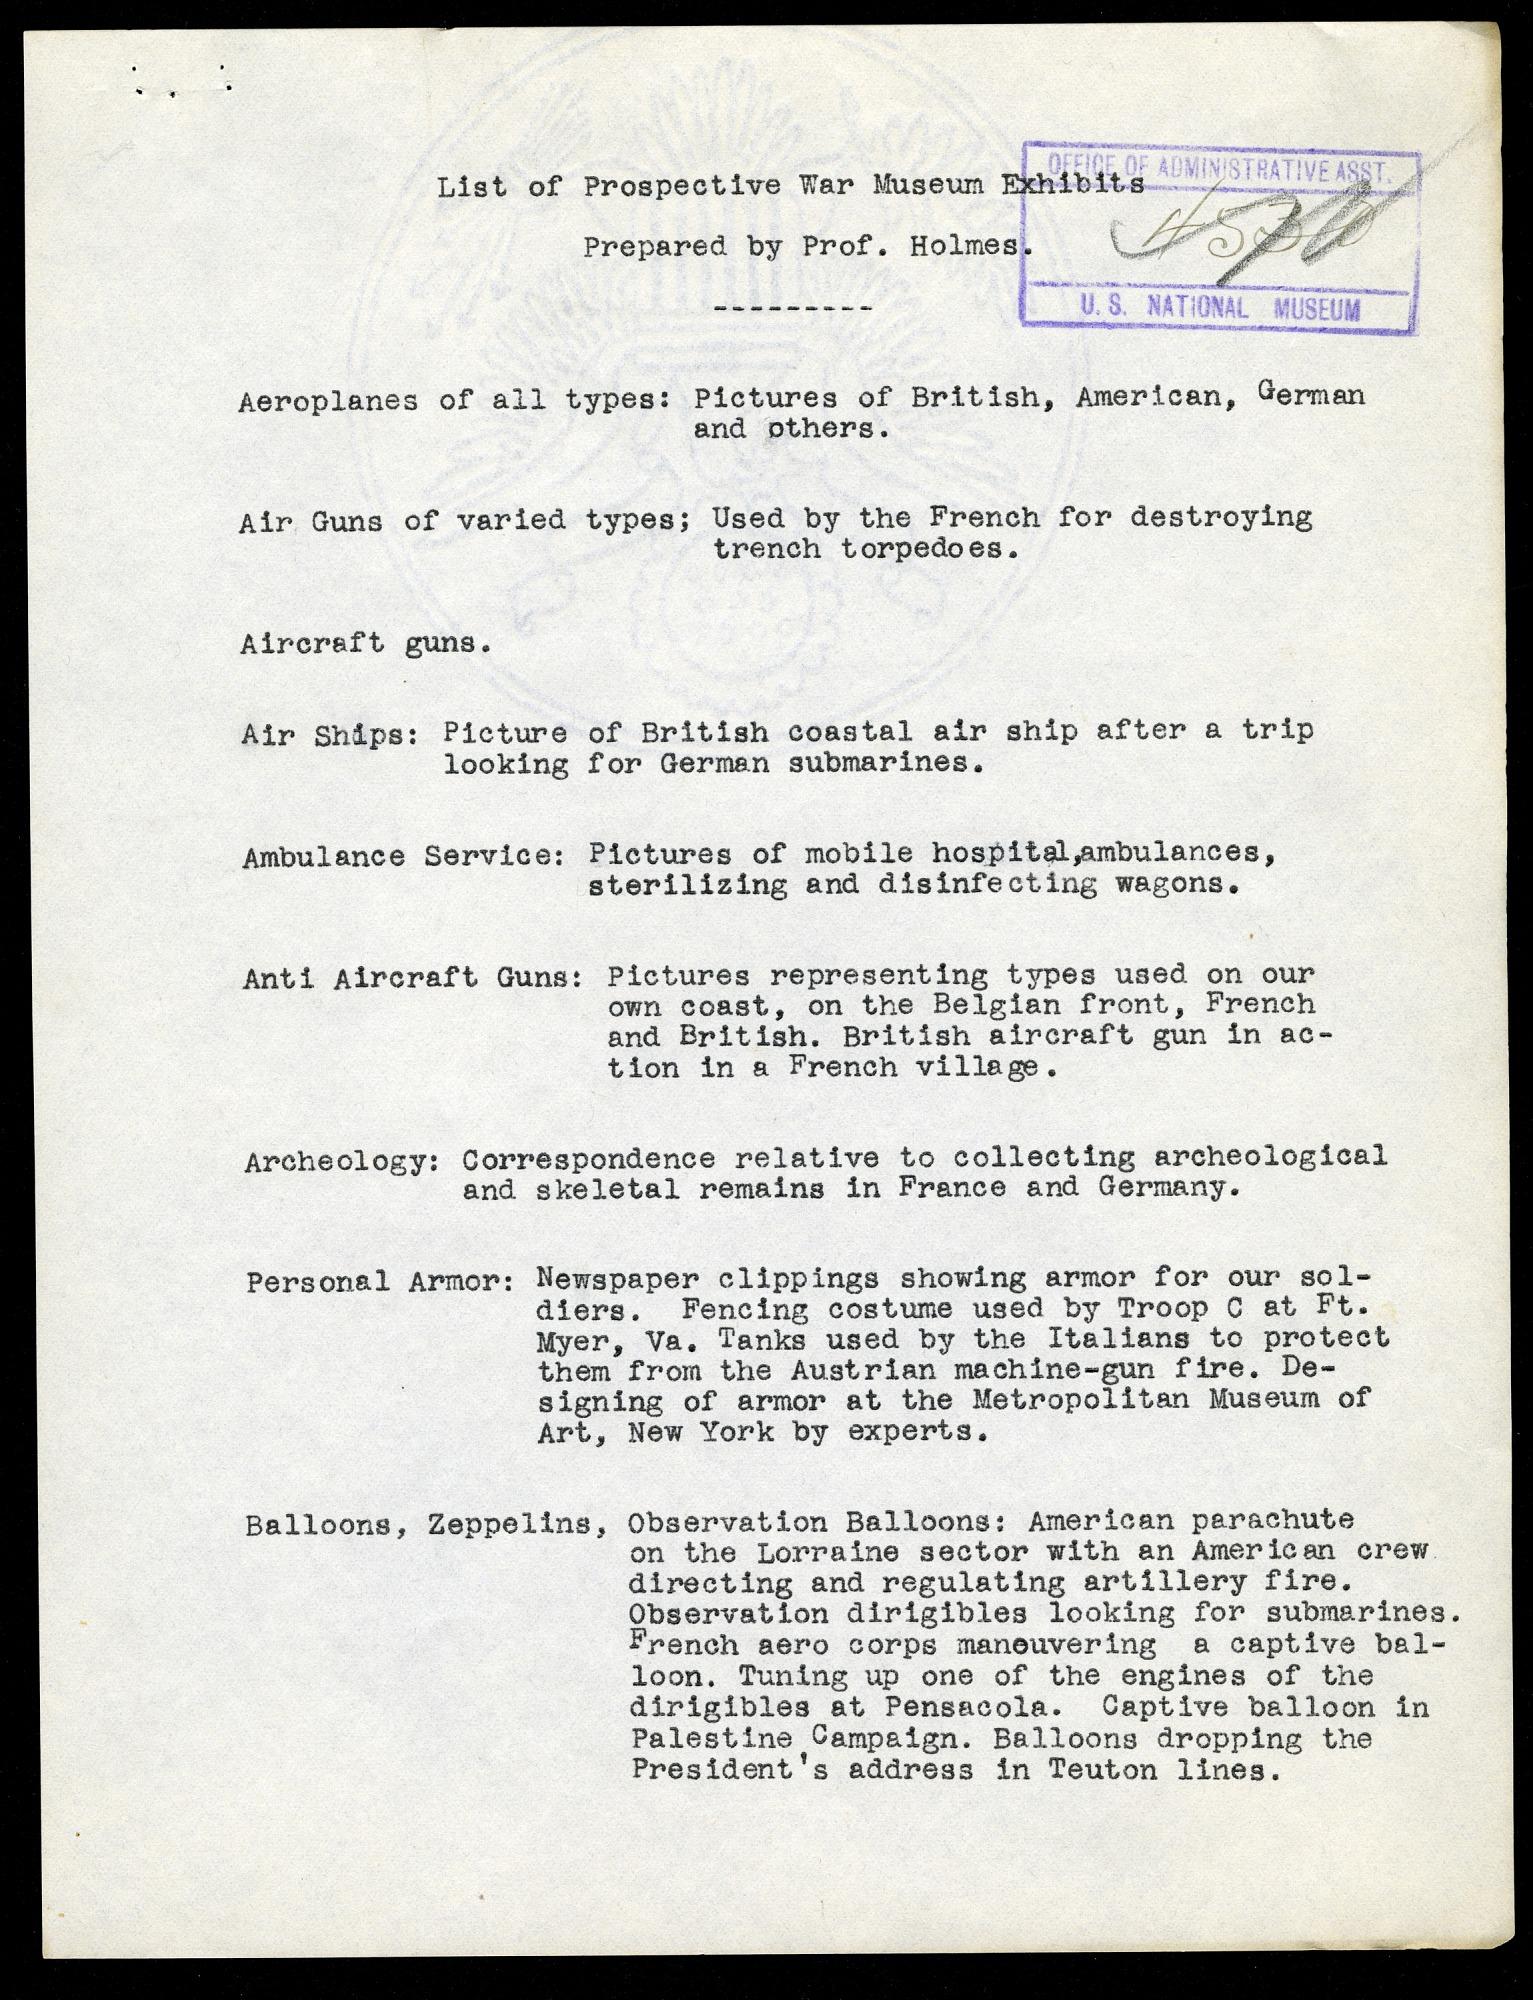 List of Prospective War Museum Exhibits